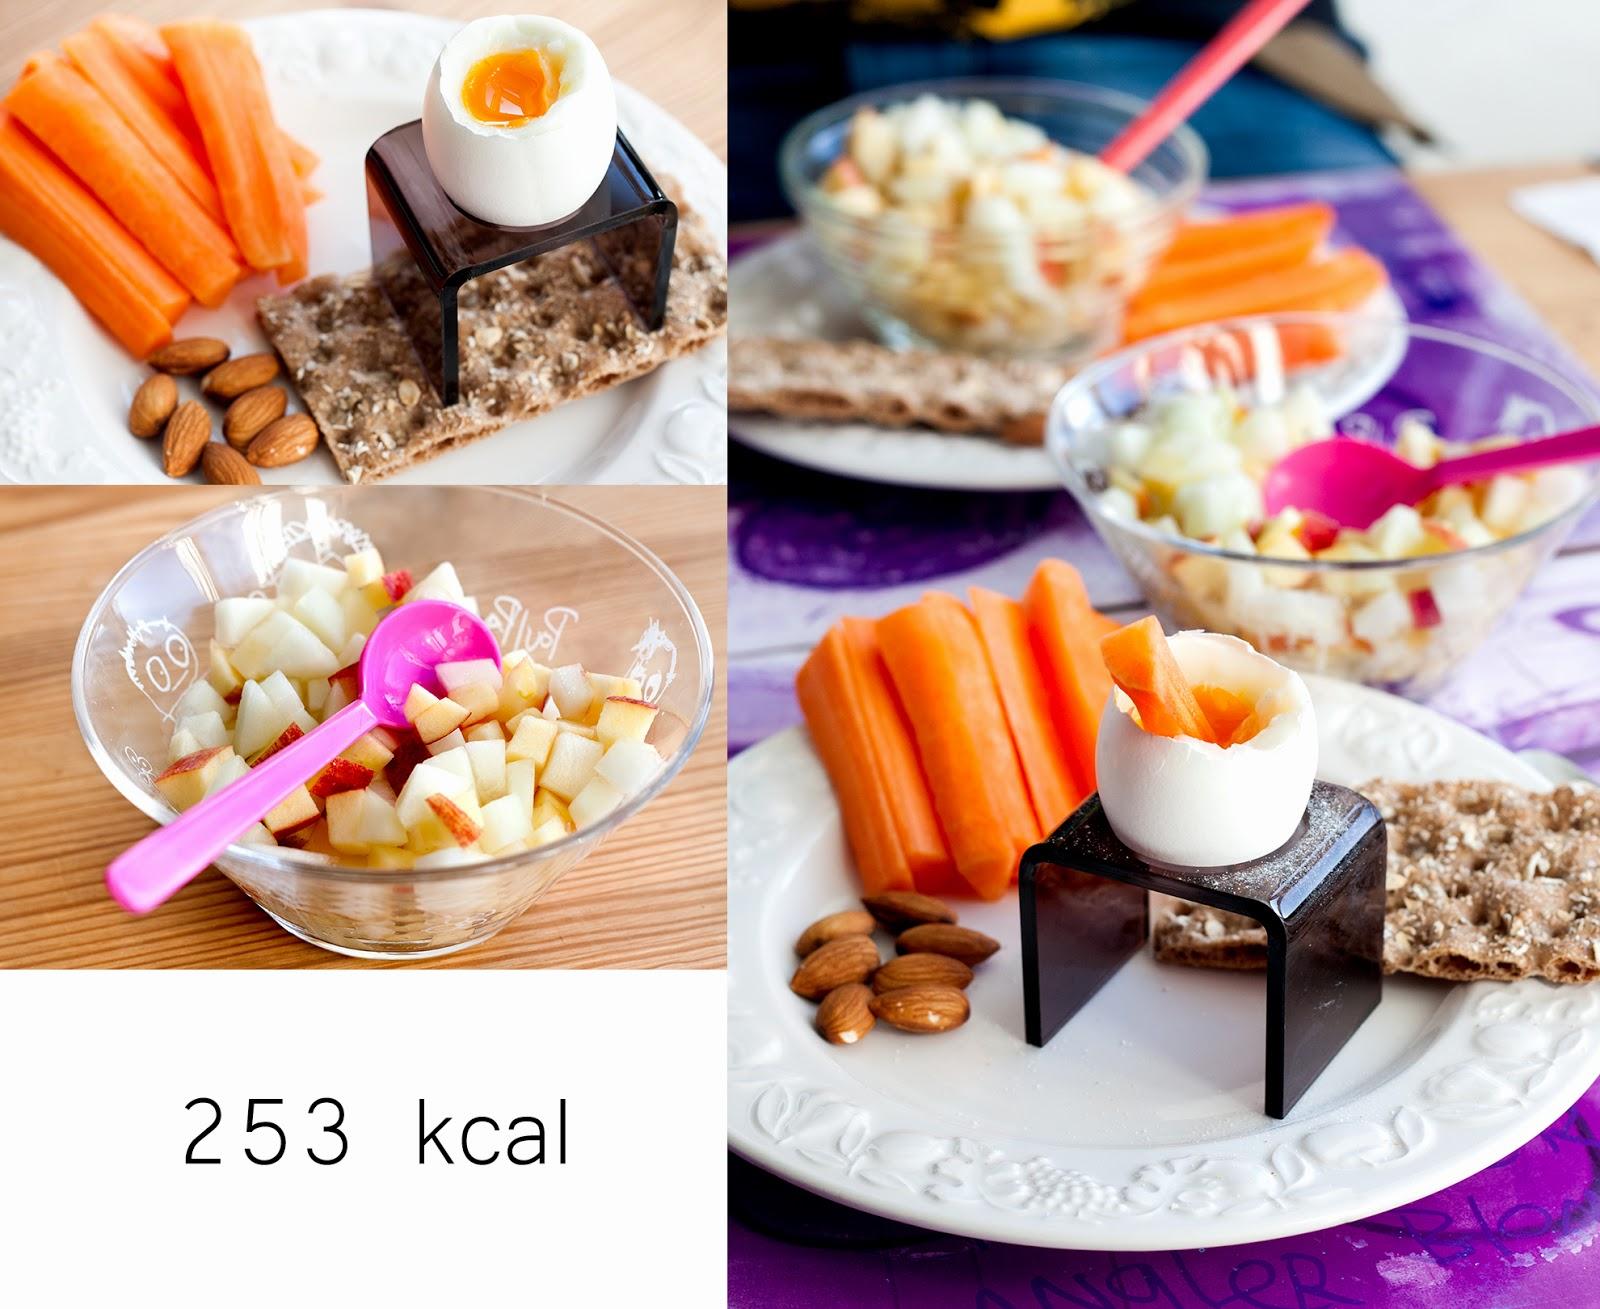 morgenmad med få kalorier